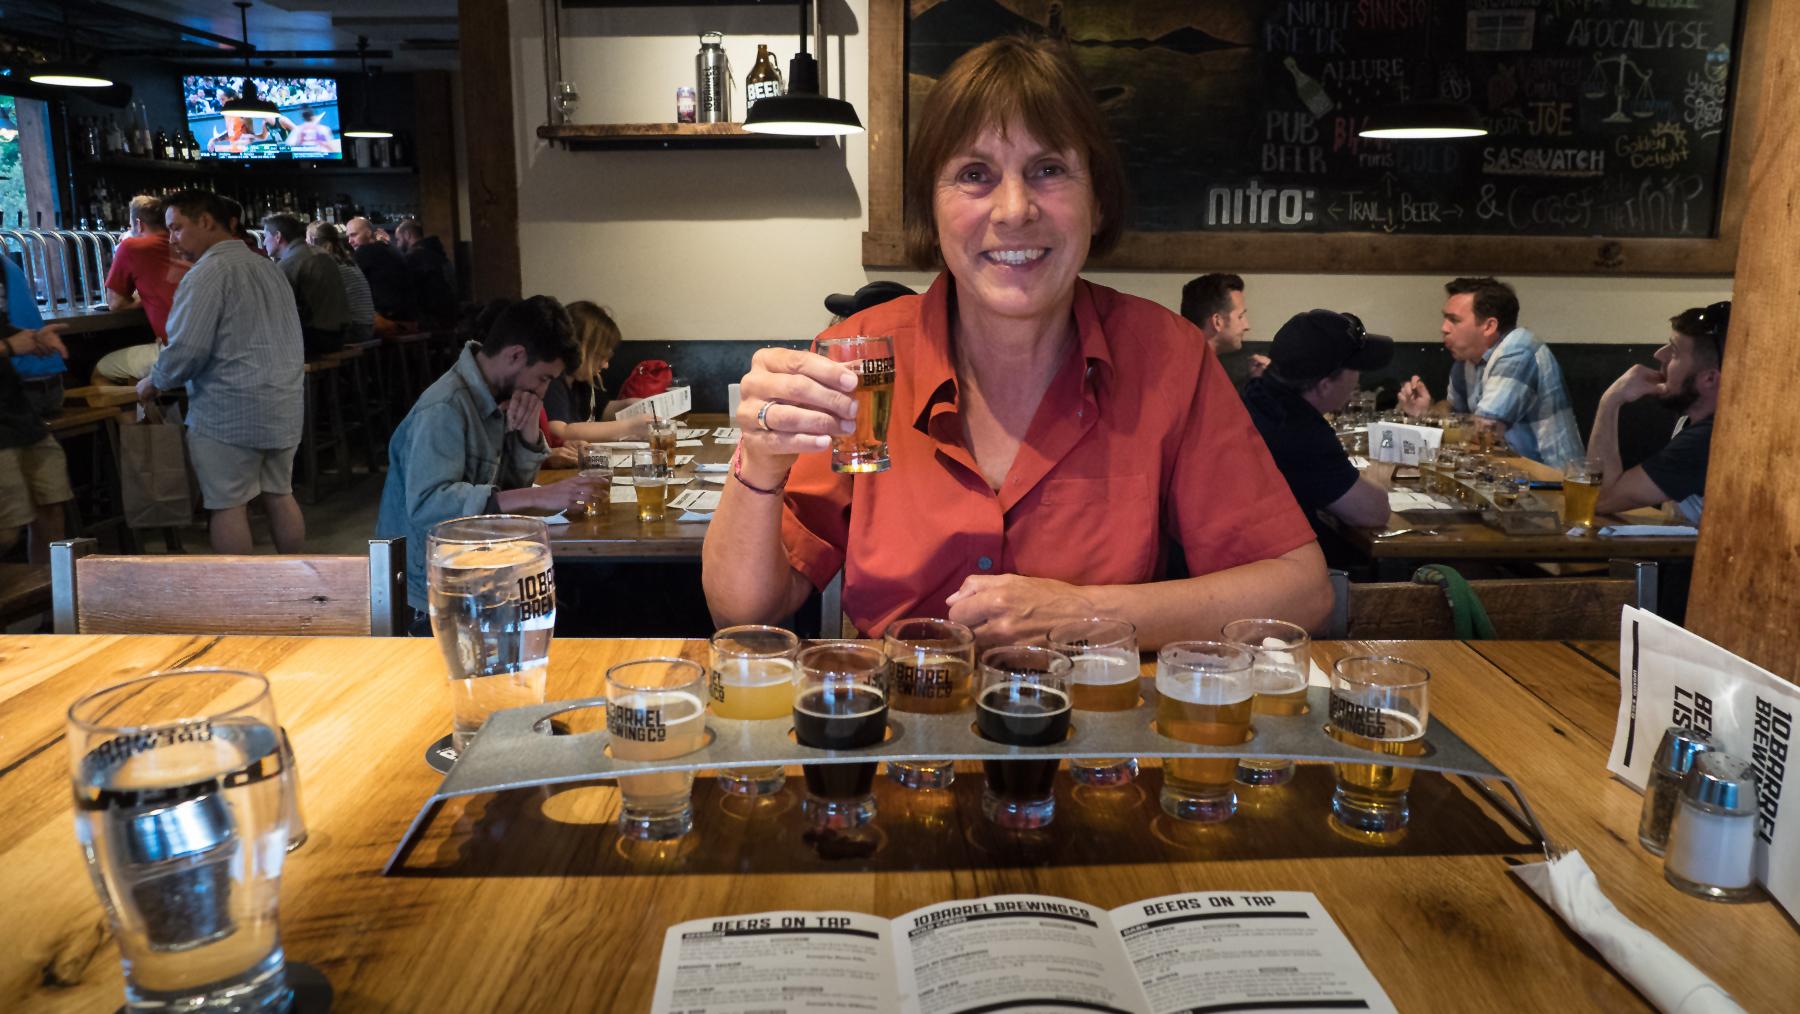 Bierprobe in der 10 Barrel Brewery